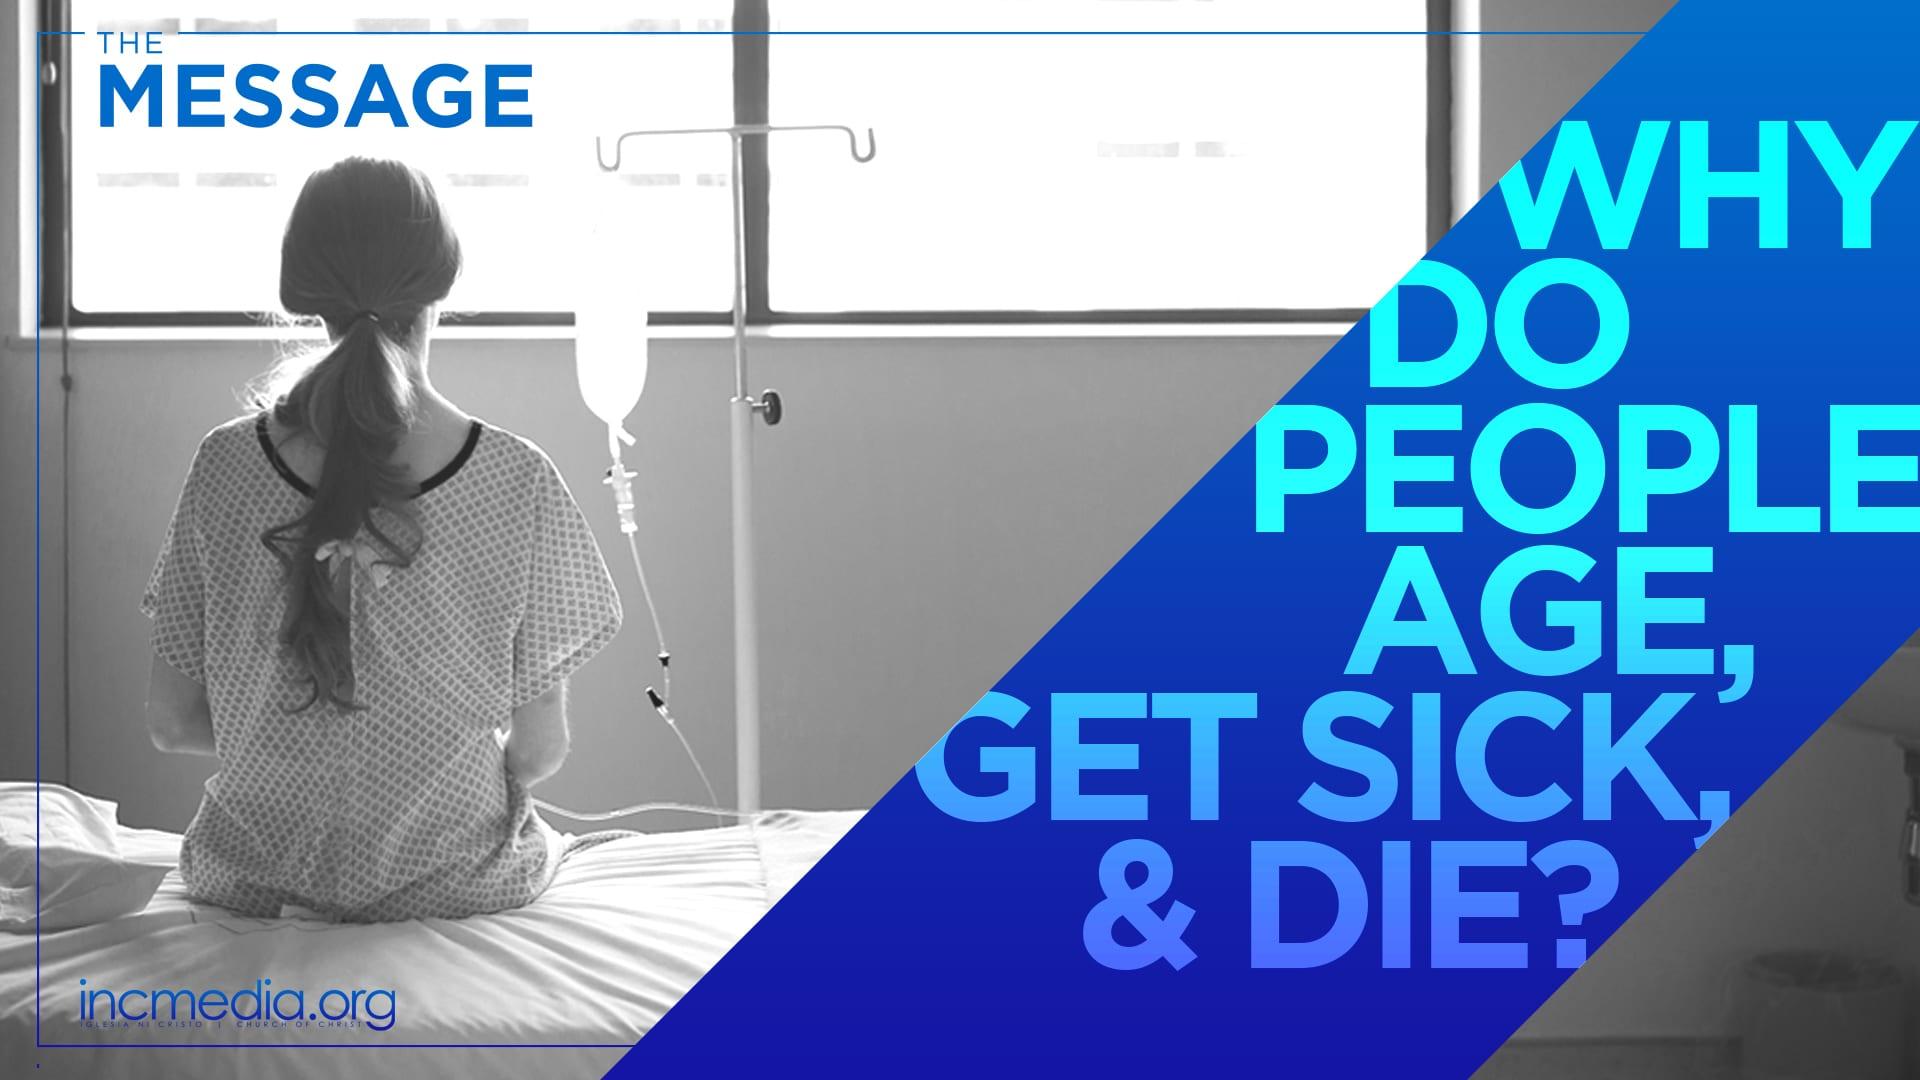 Why Do People Age, Get Sick, & Die?